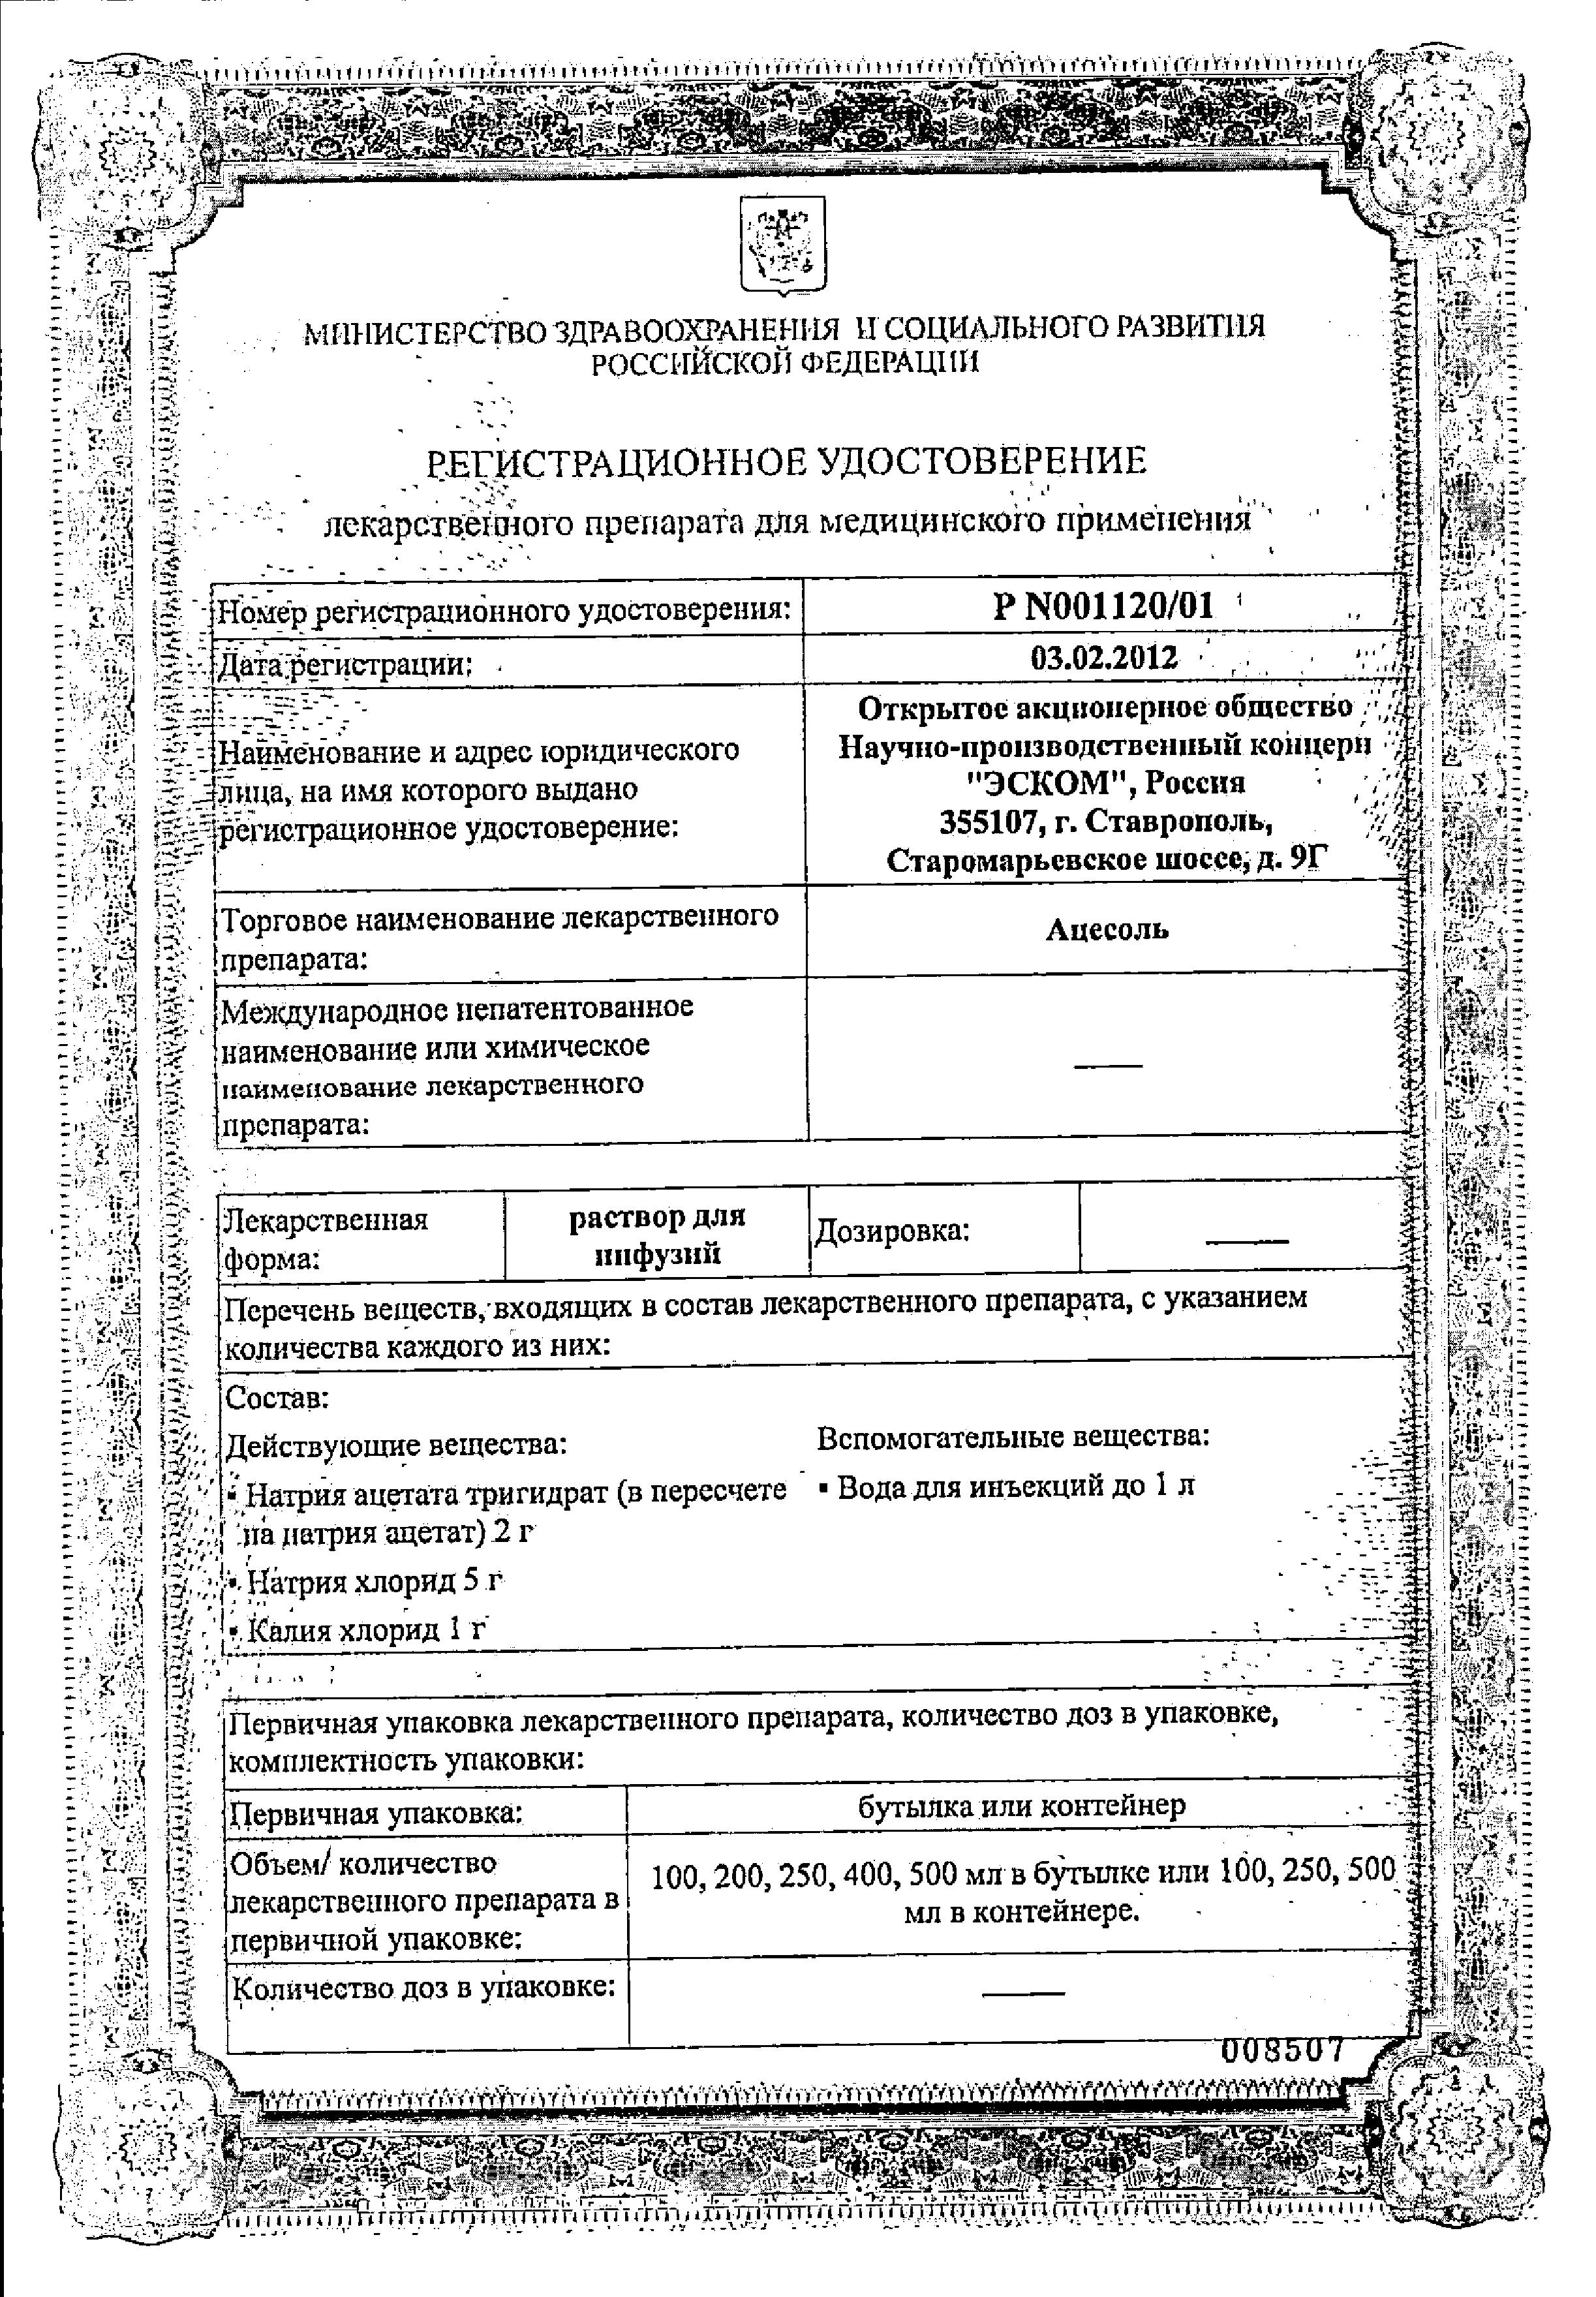 Ацесоль сертификат